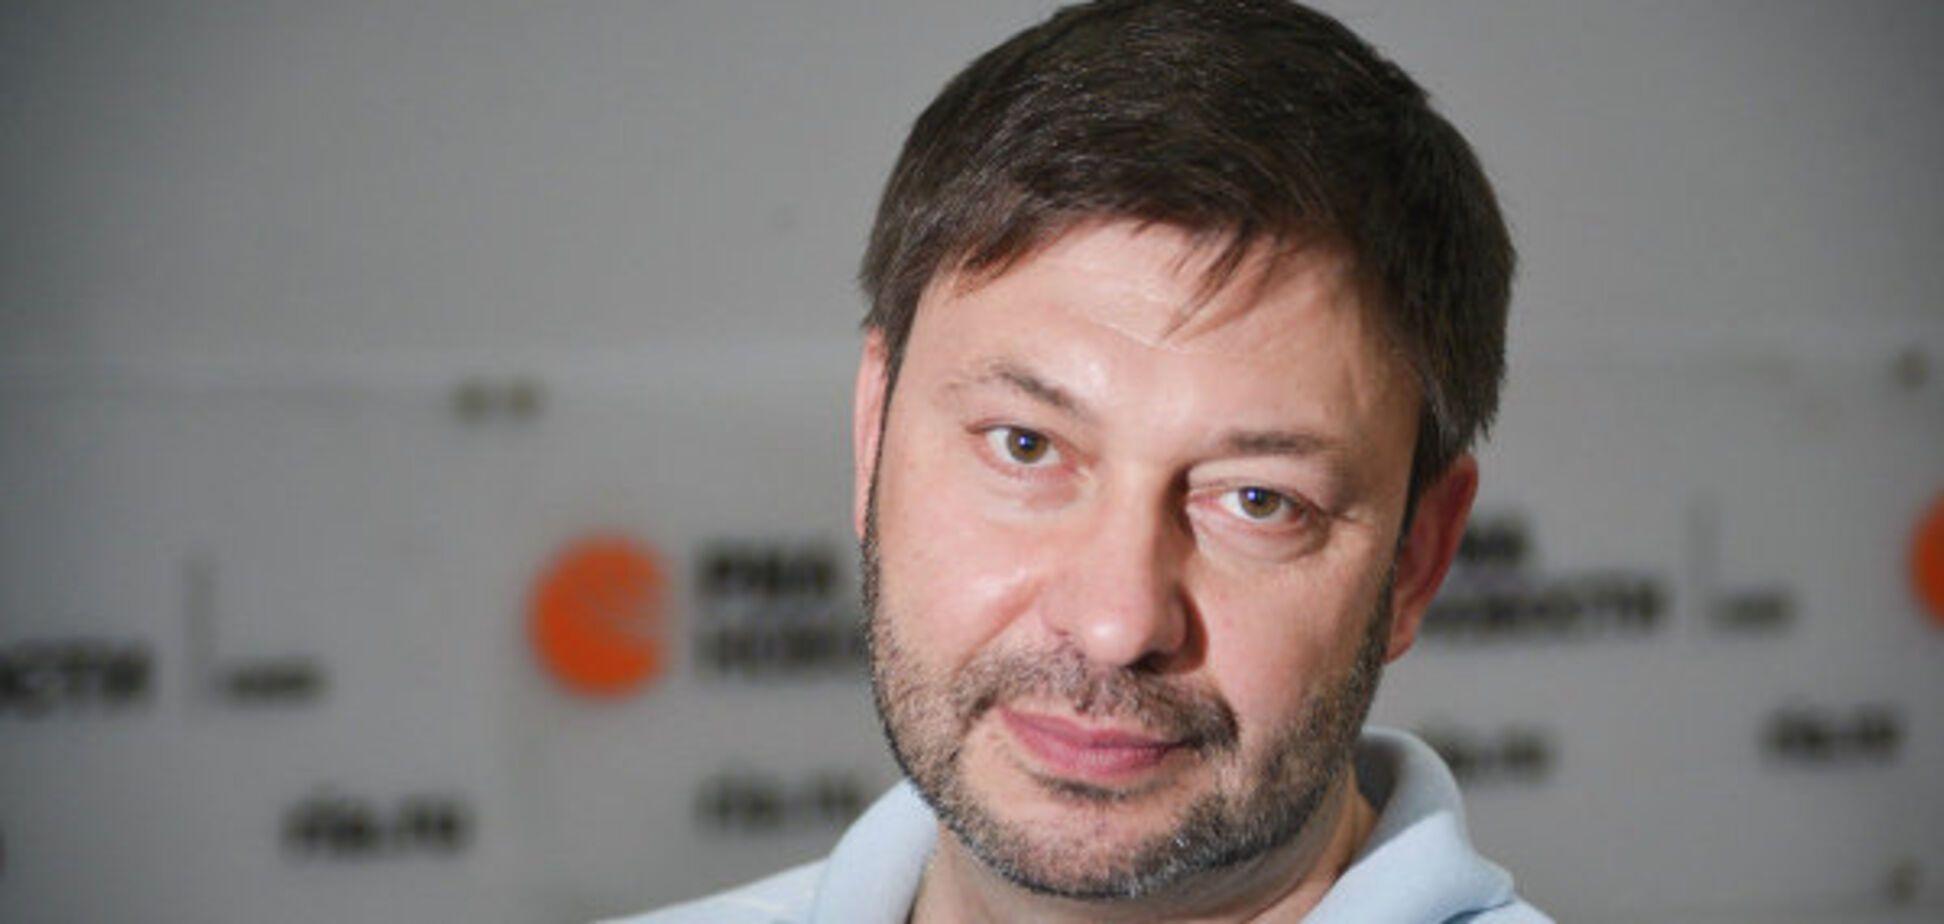 Він громадянин РФ: у Росії порушили свою справу через затримання в Києві журналіста